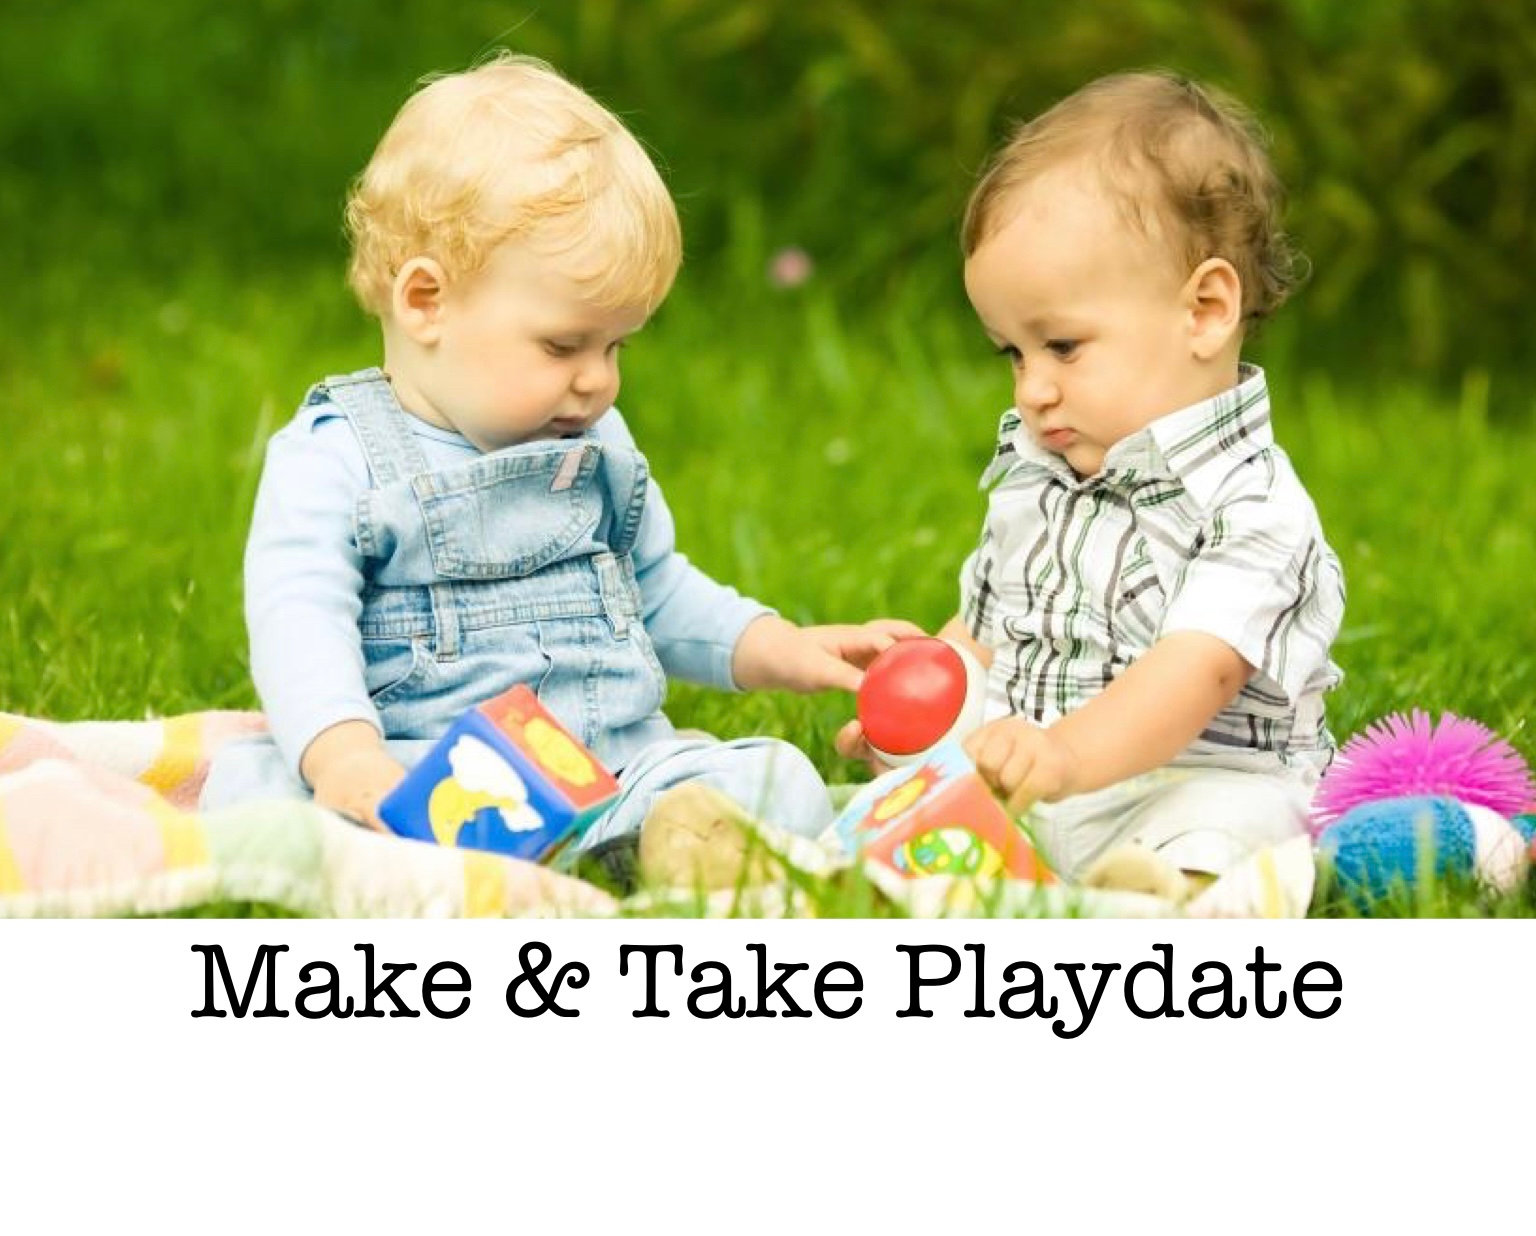 Make & Take Playdate